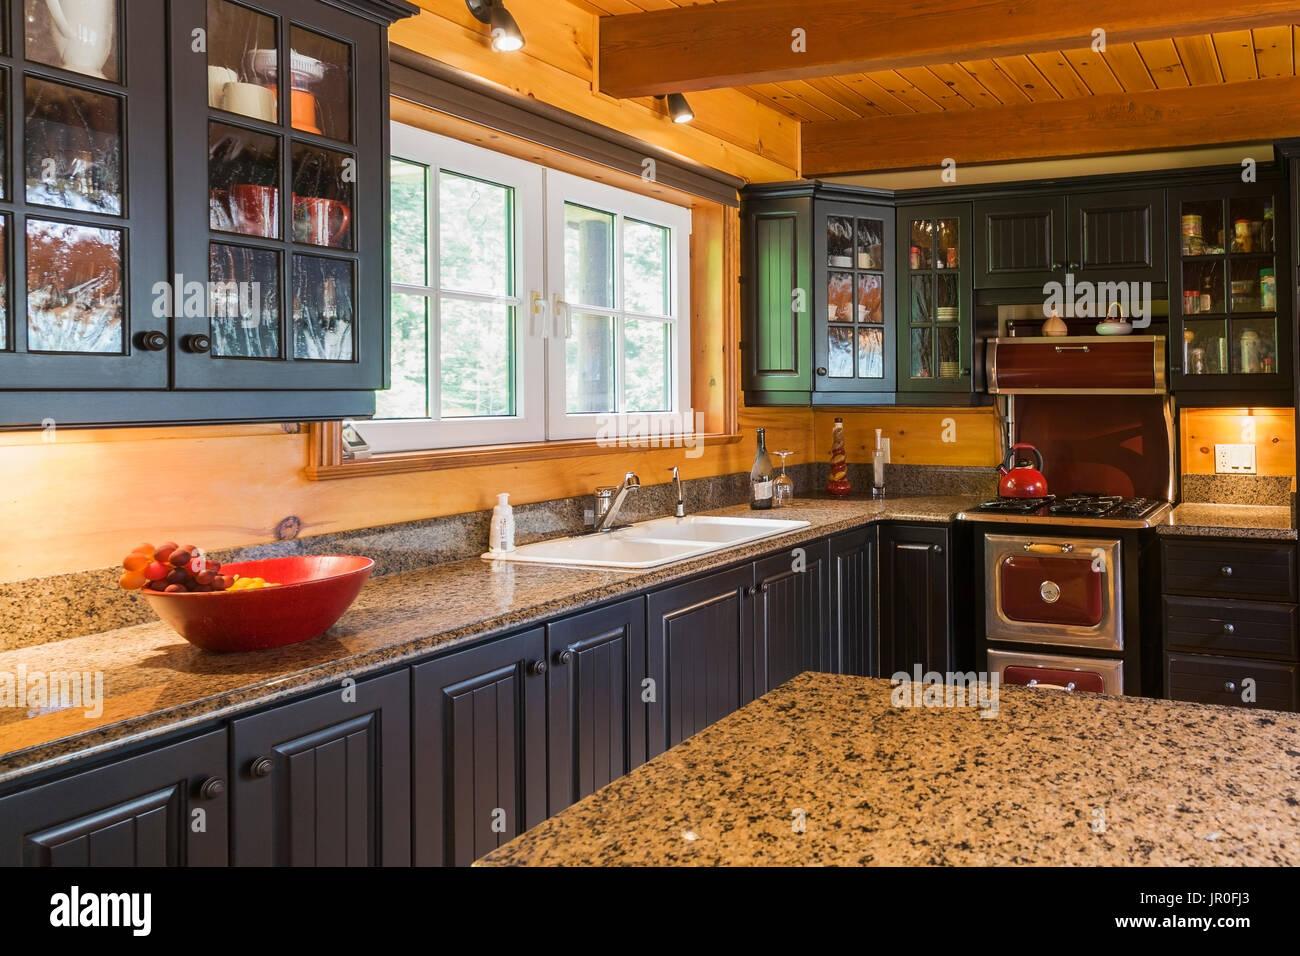 Cucina con Nero armadi in legno antico Fornello e granito ...